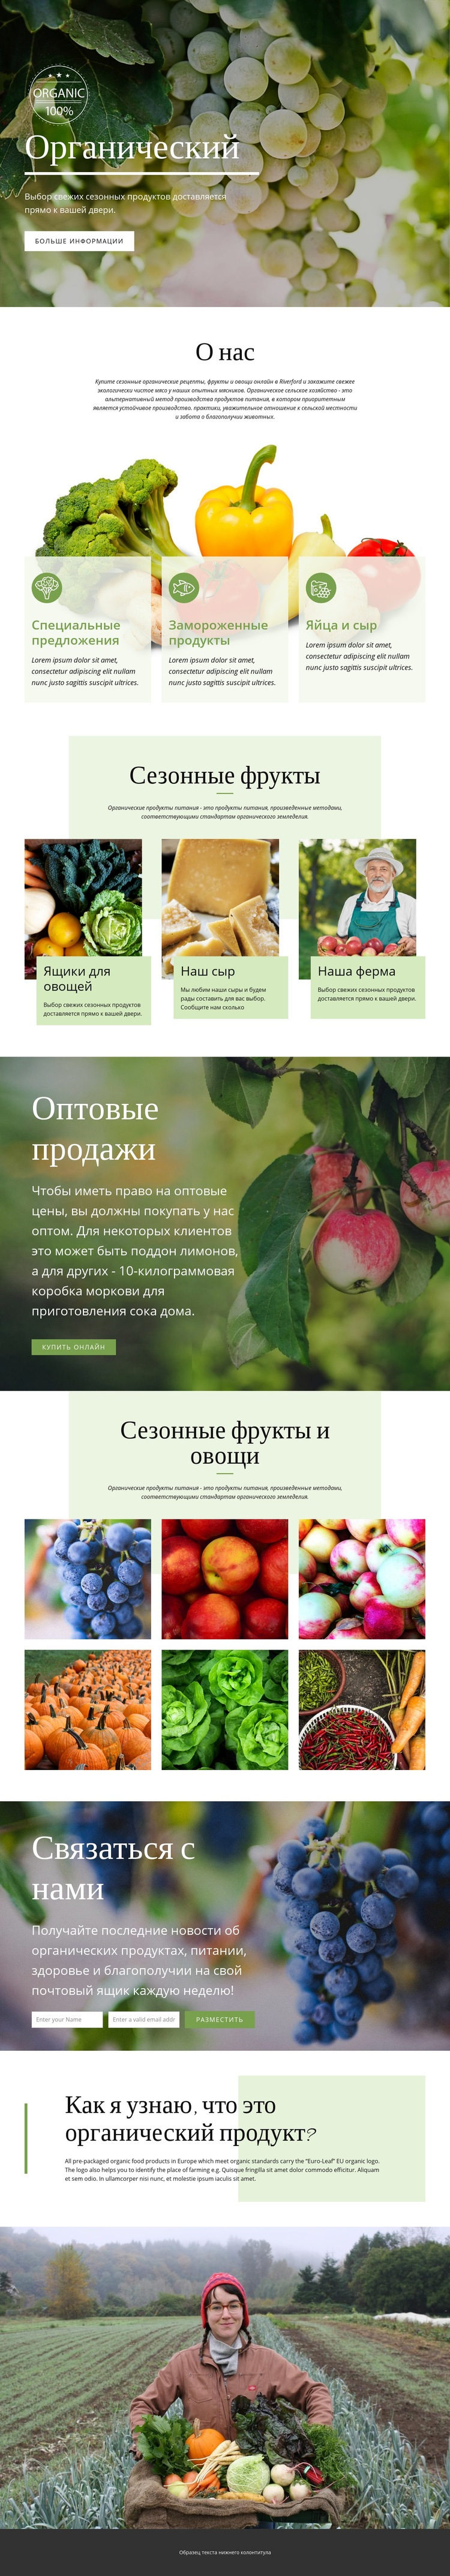 Здоровее с органическими продуктами HTML шаблон